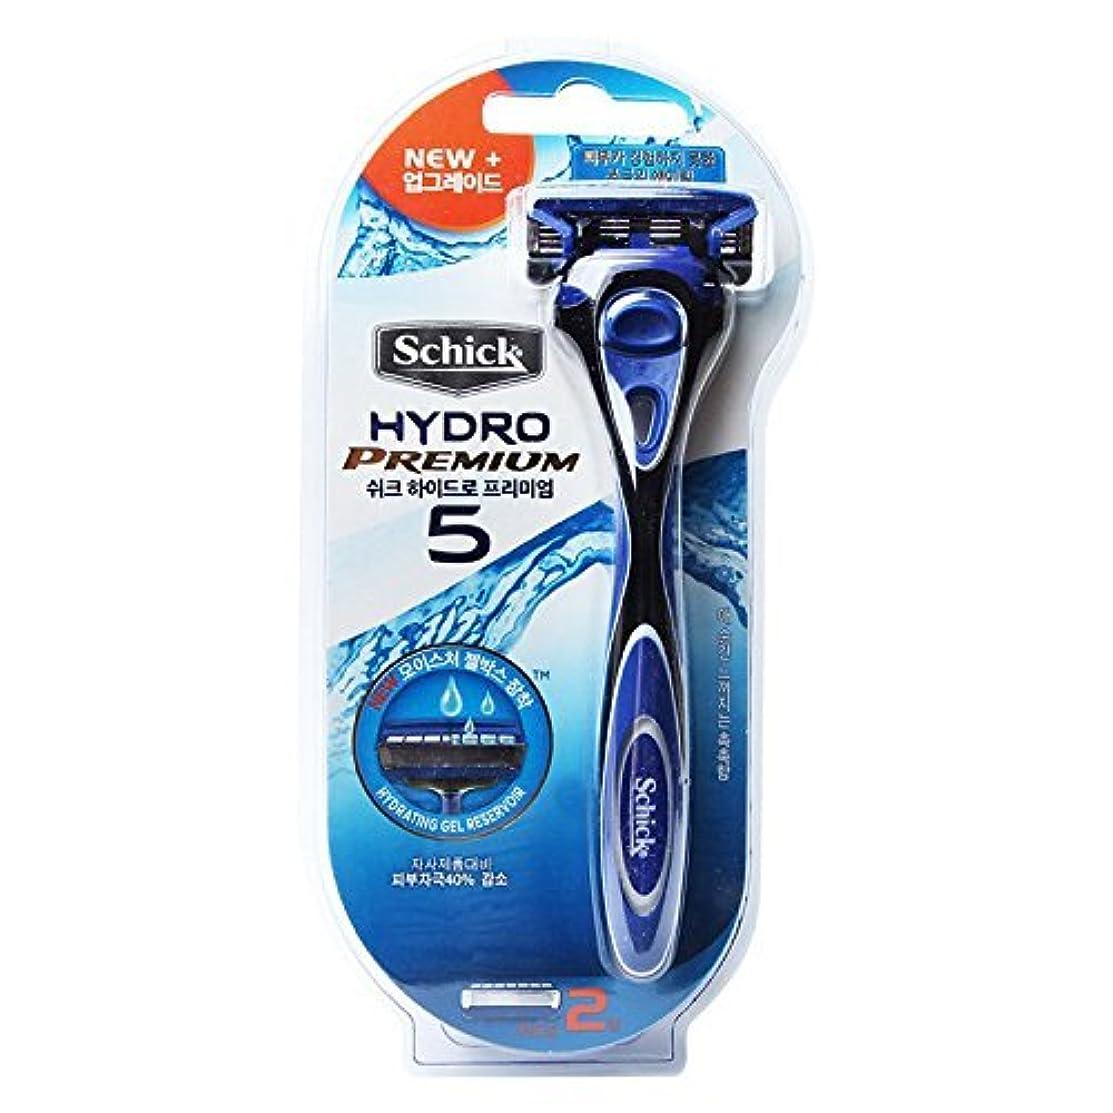 チケット不合格浮浪者Schick Hydro 5 Premium トリマーで男性と2カミソリ詰め替え用カミソリ [並行輸入品]